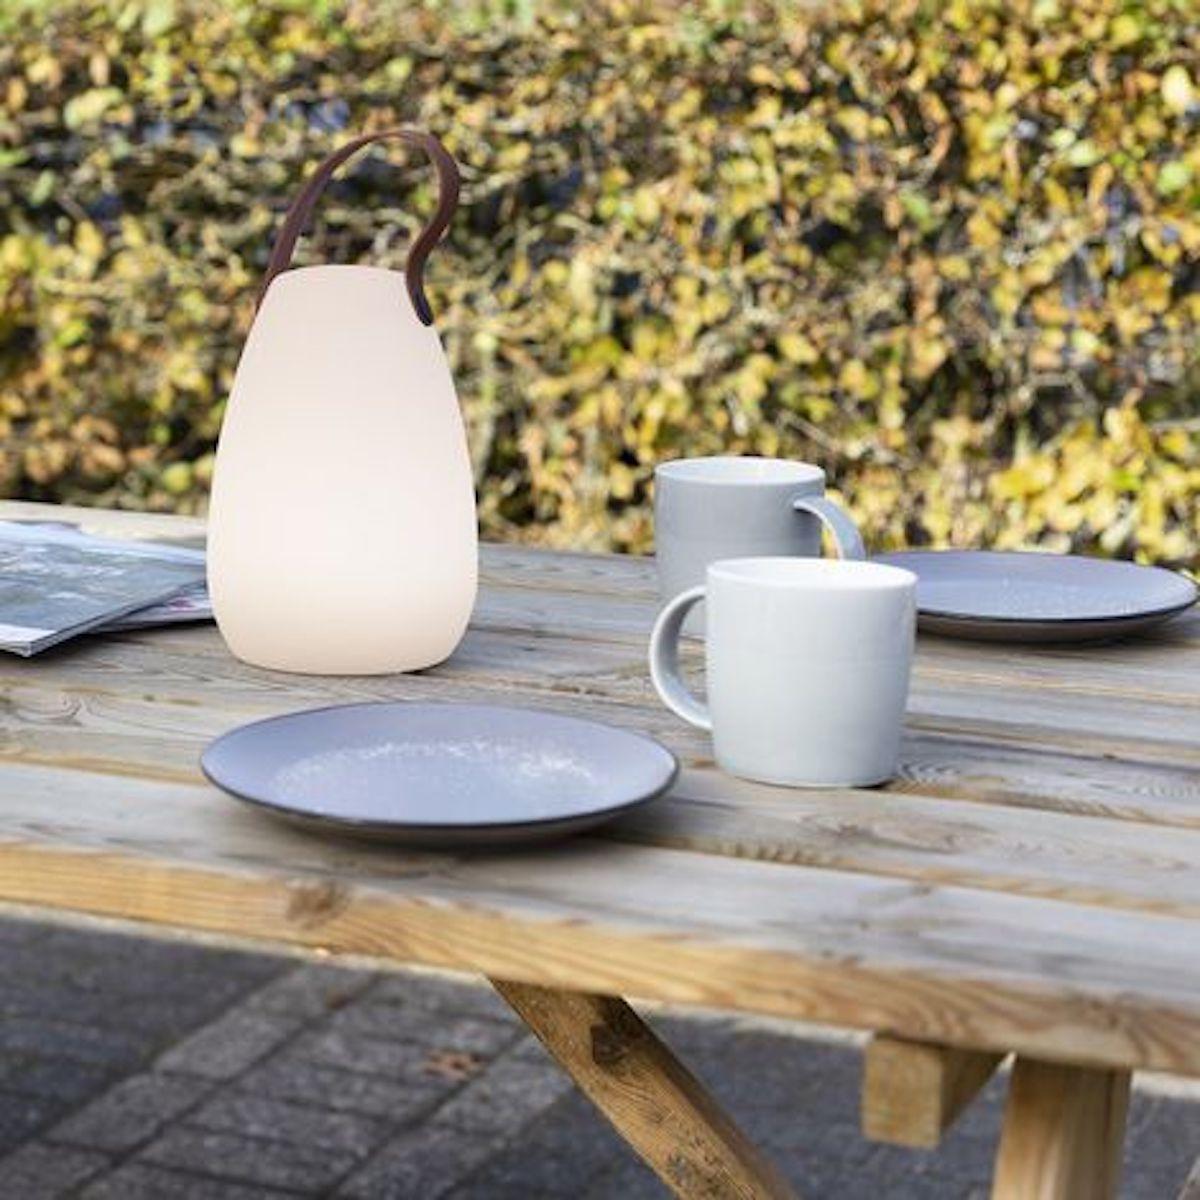 lampe de table led rechargeable blanc table déco